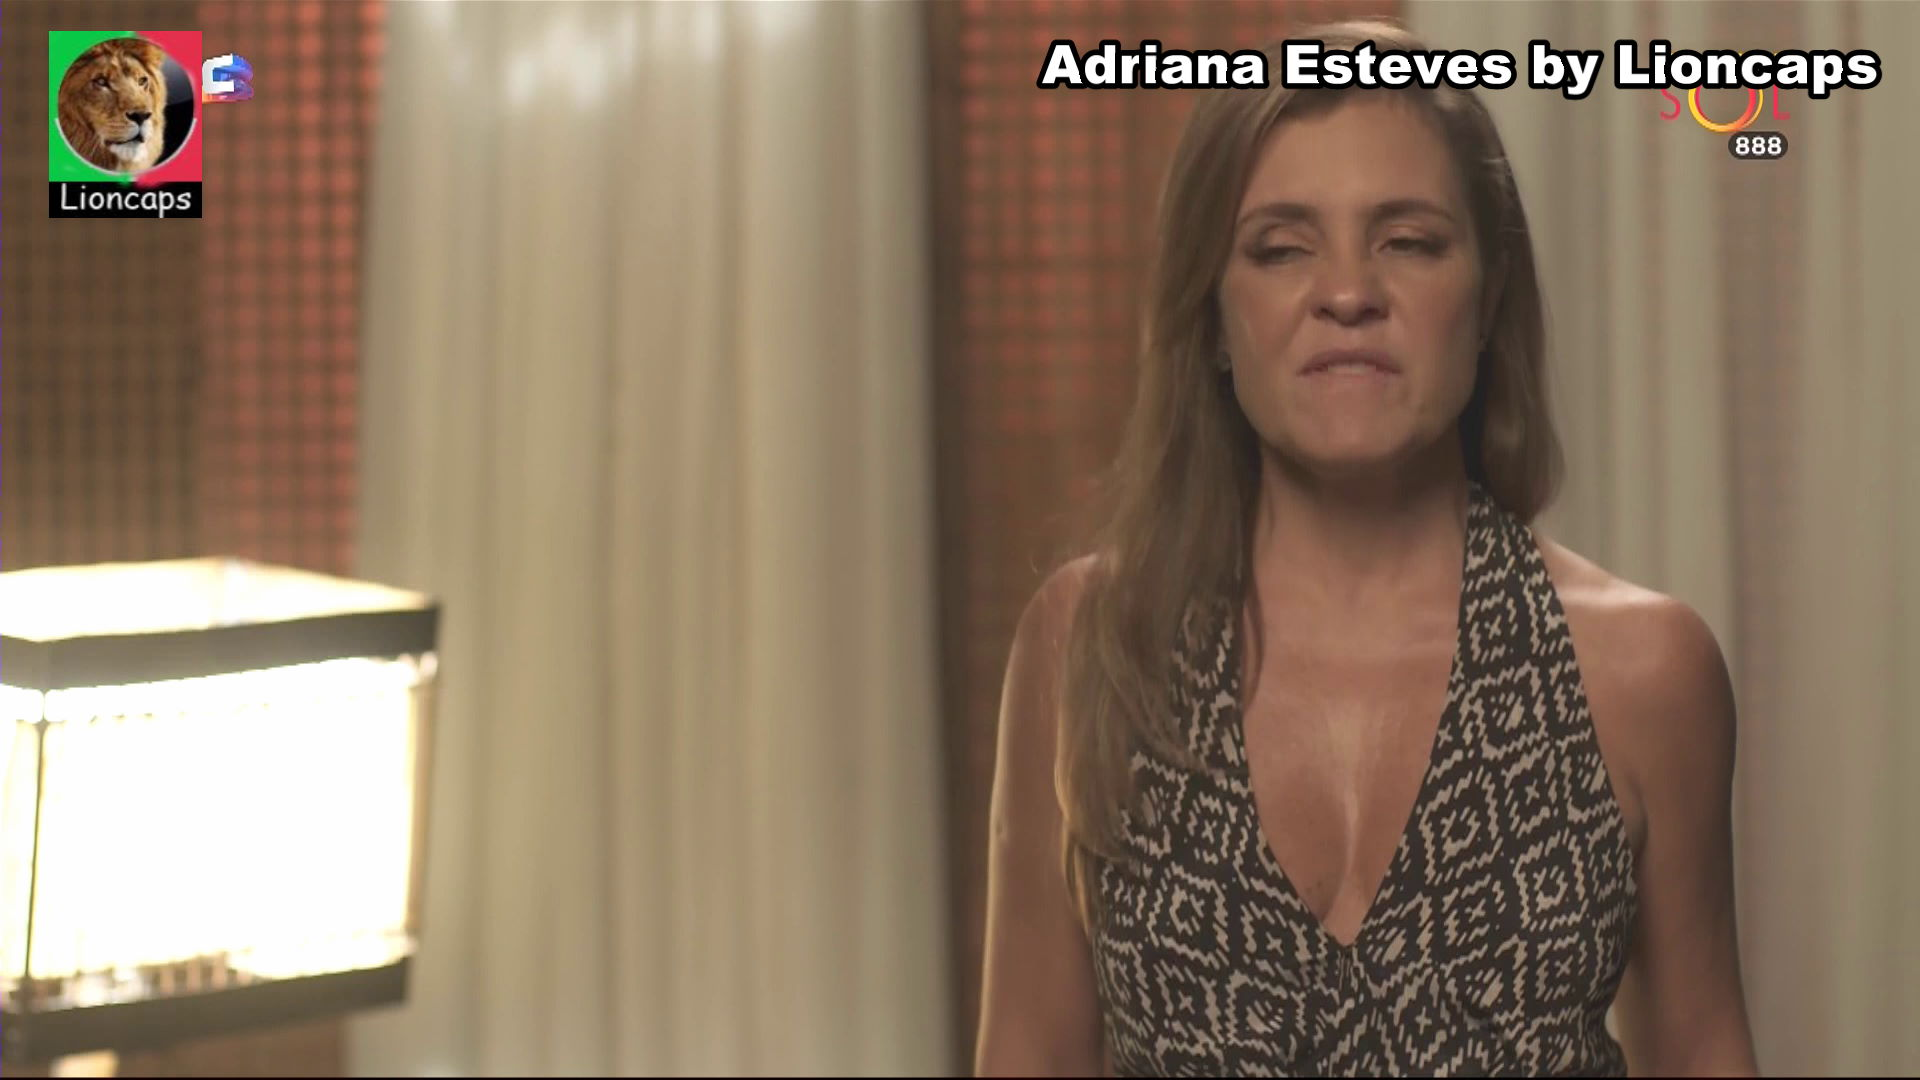 179674984_adriana_esteves_segundo_vs190305_12815_122_180lo.JPG